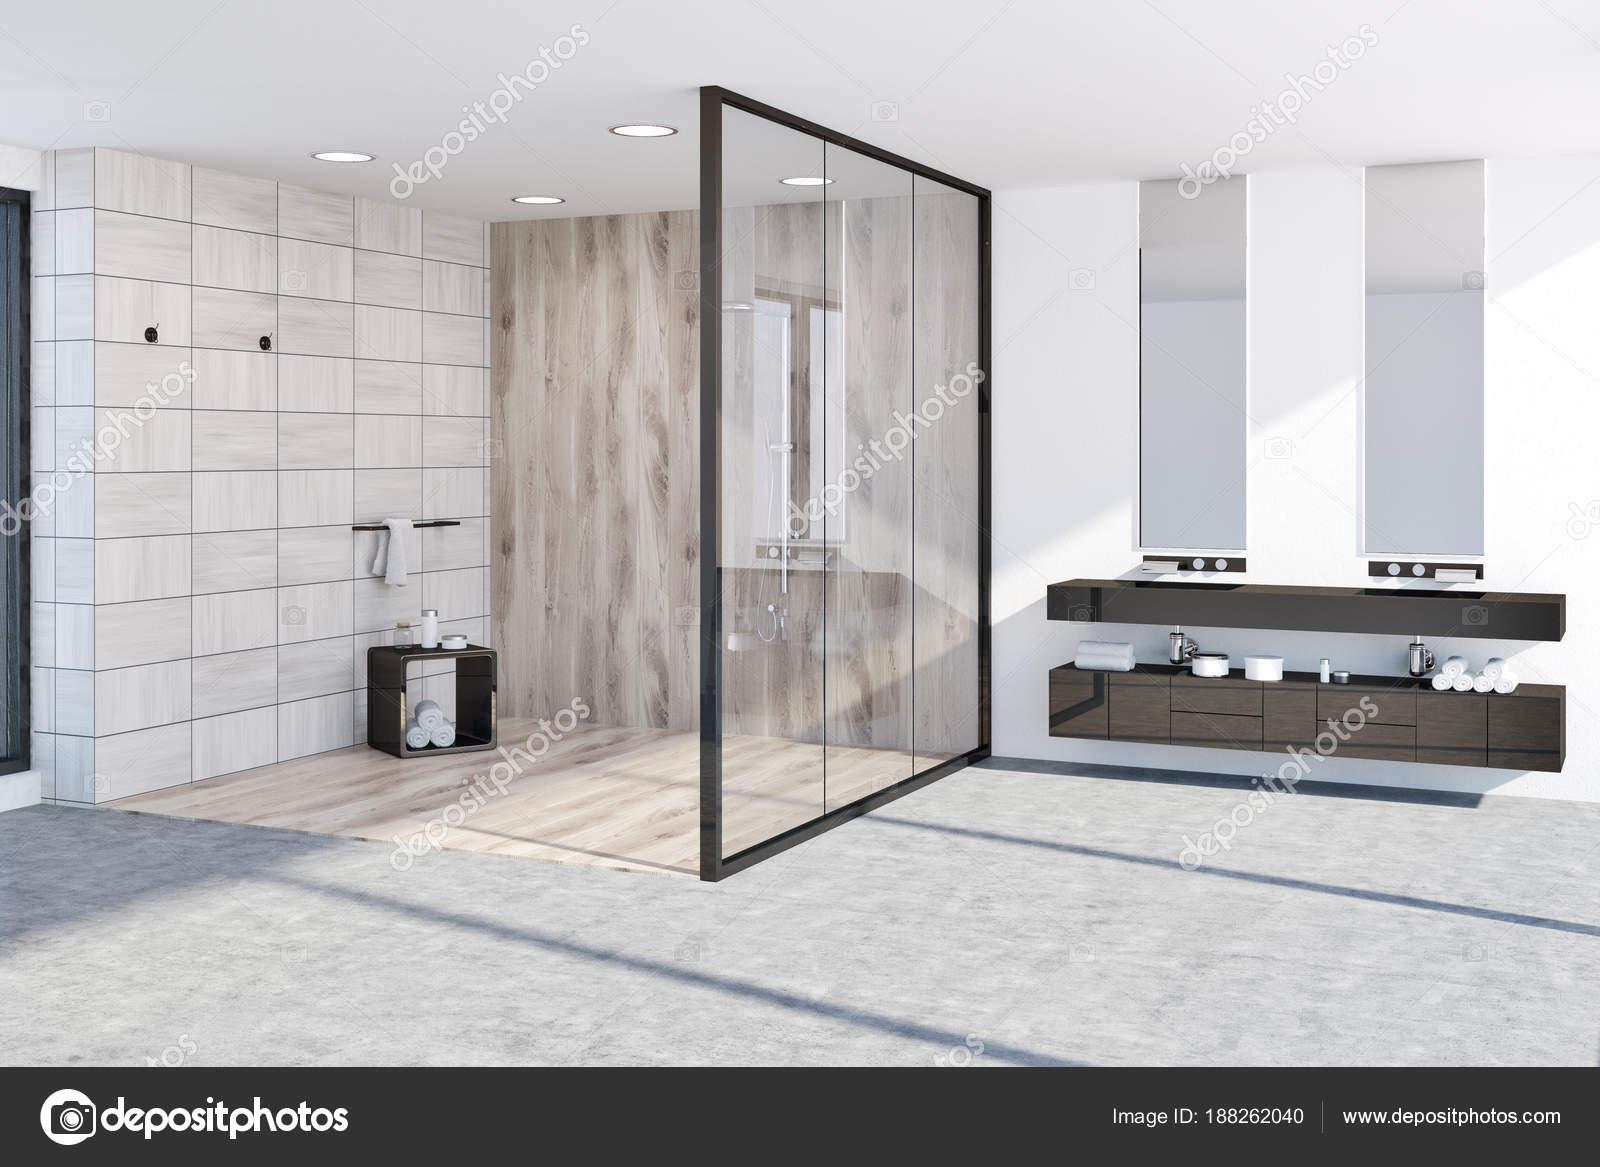 Houten tegels badkamer hoek — Stockfoto © denisismagilov #188262040